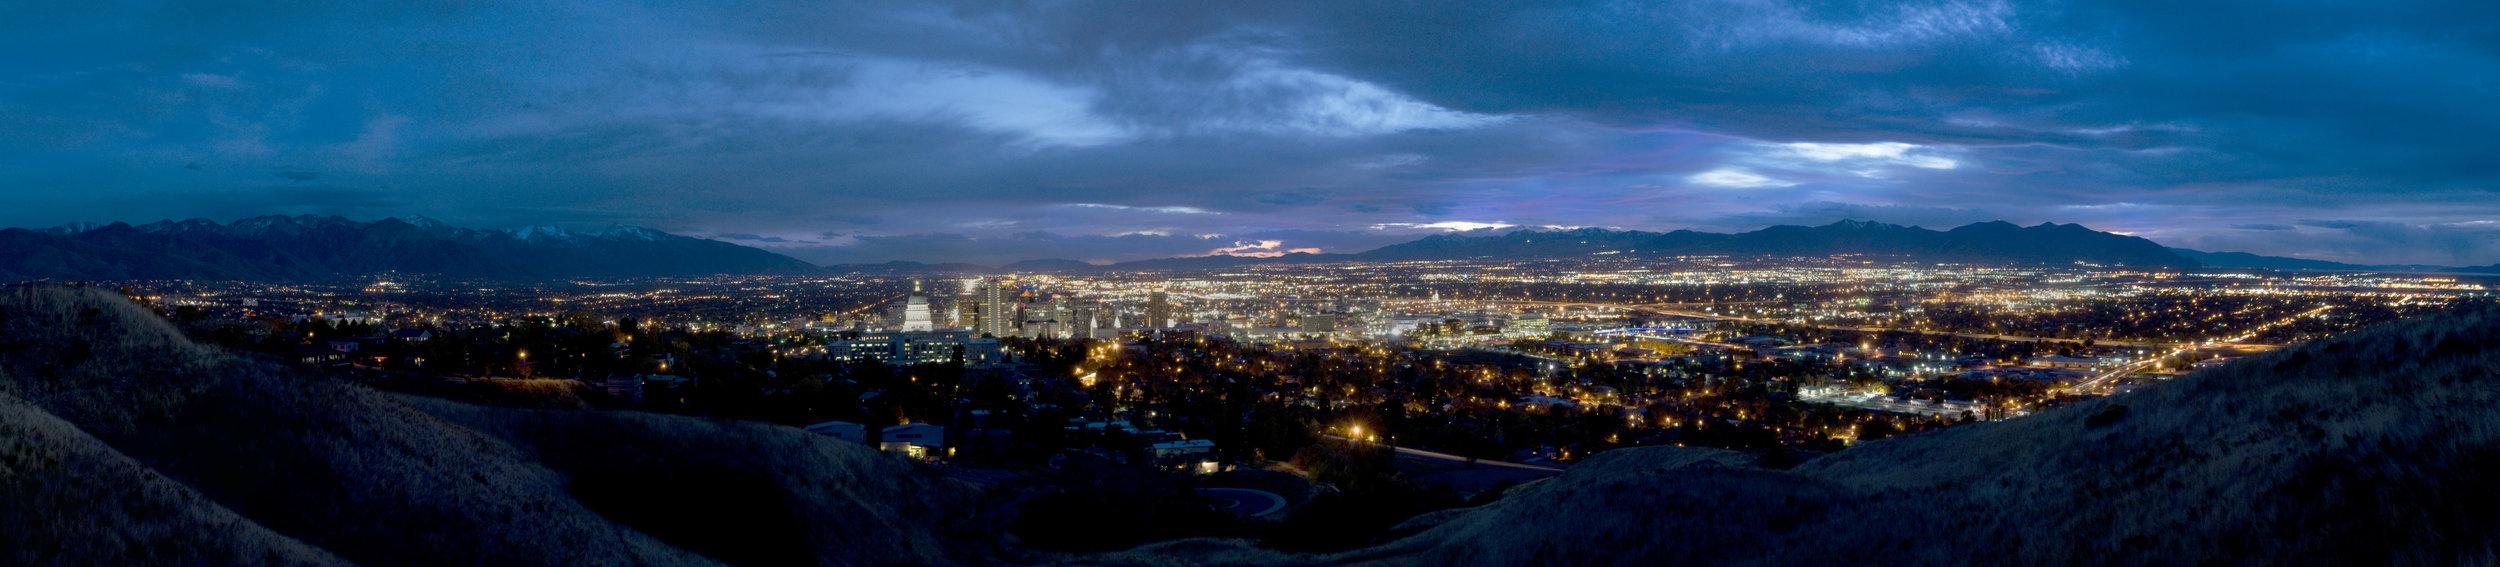 Salt Lake City Pano 1.jpg